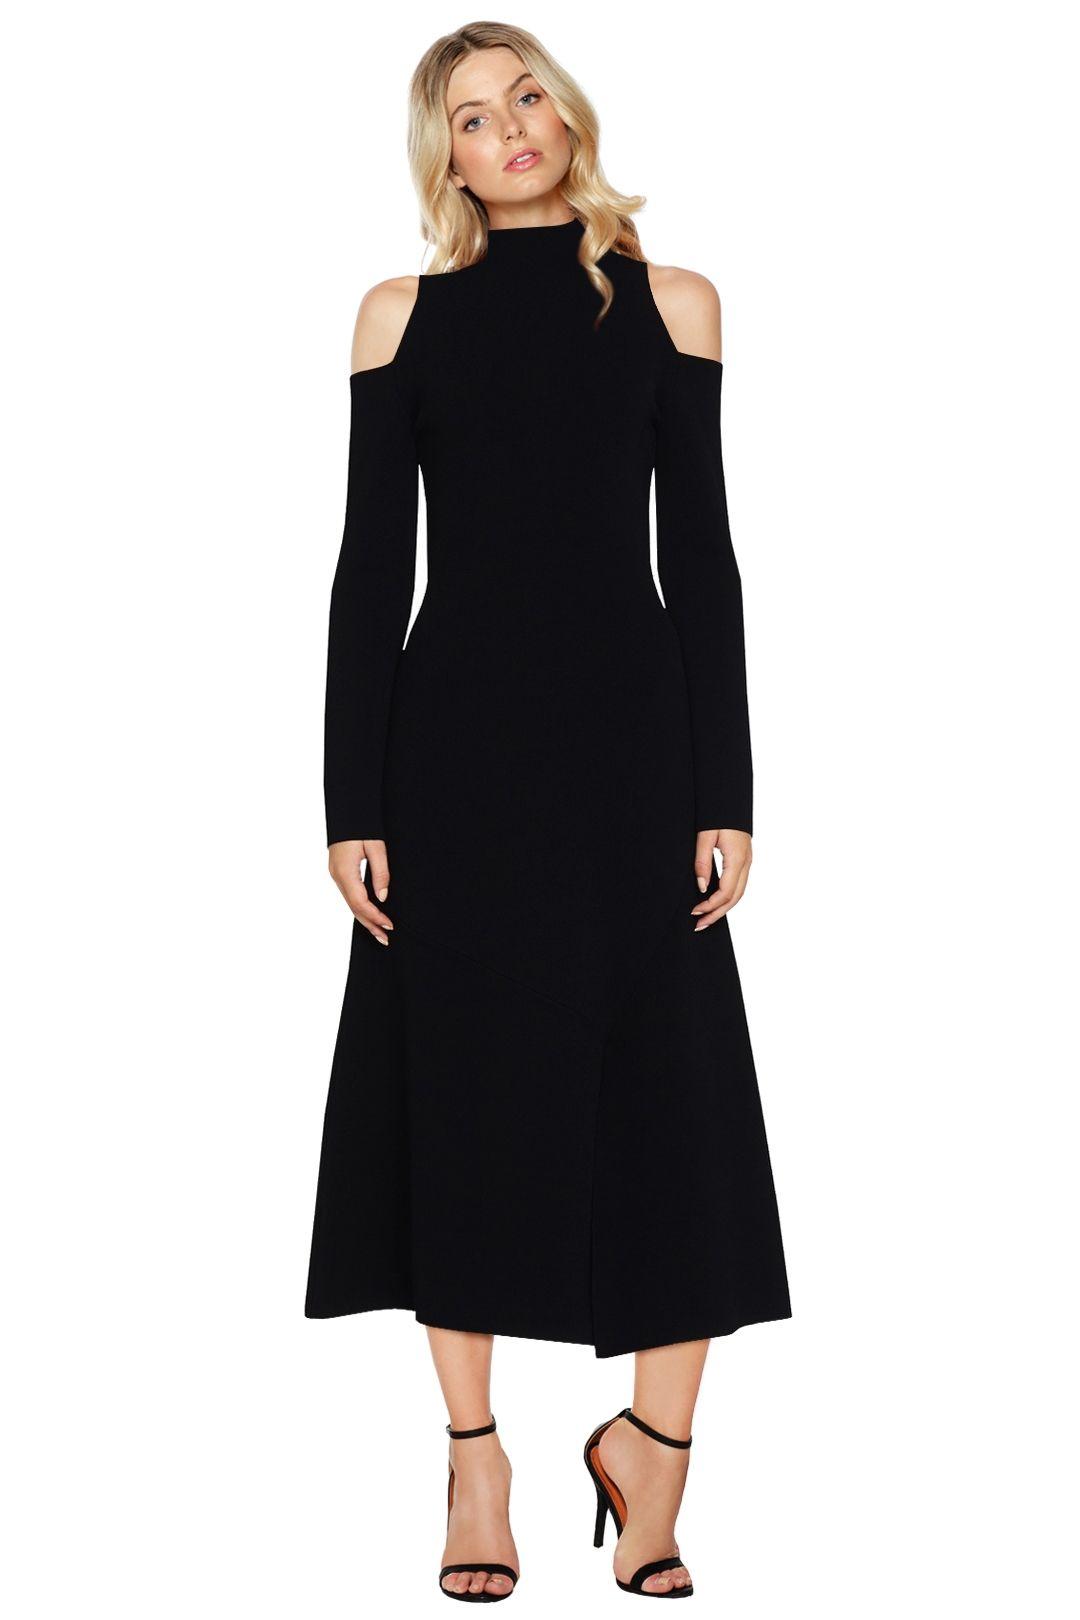 Camilla & Marc - Lindevall Cut Out Shoulder Dress - Black - Front